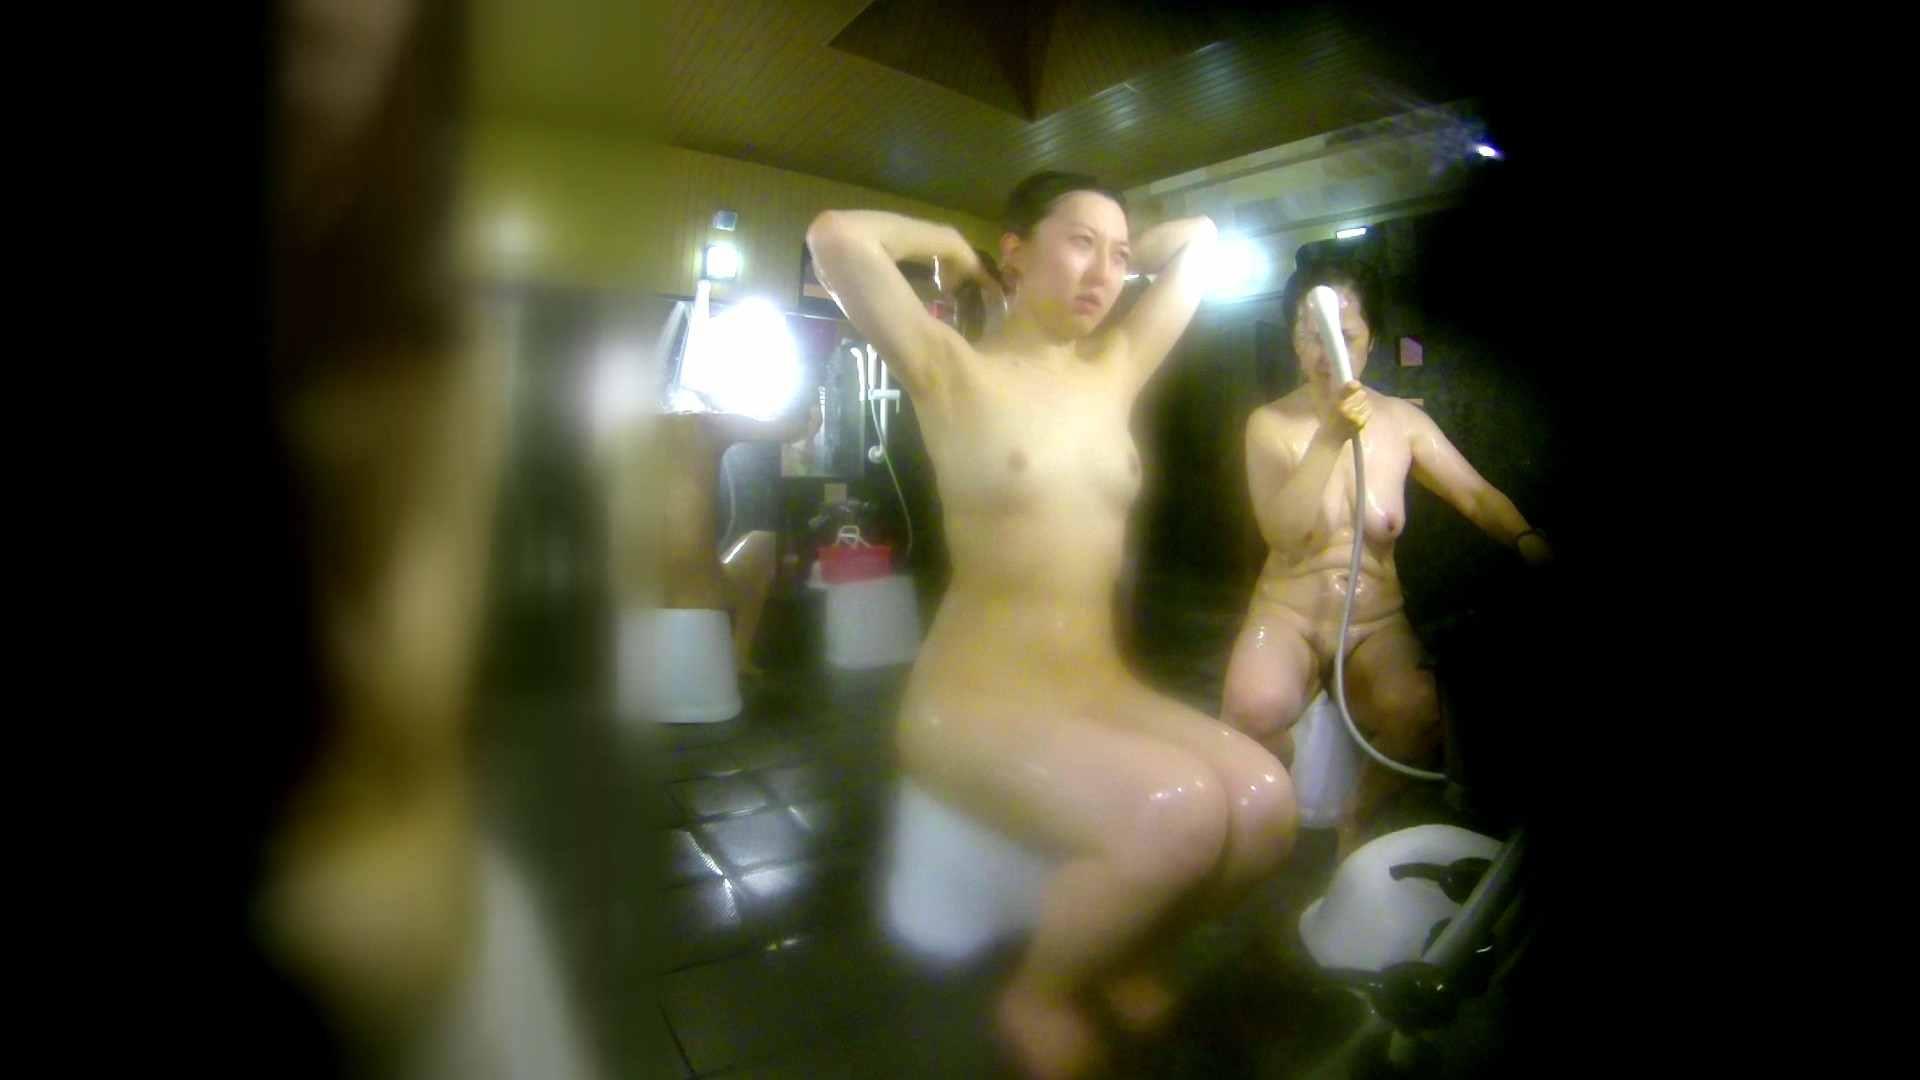 洗い場!右足の位置がいいですね。陰毛もっさり! 美肌 セックス画像 111画像 9